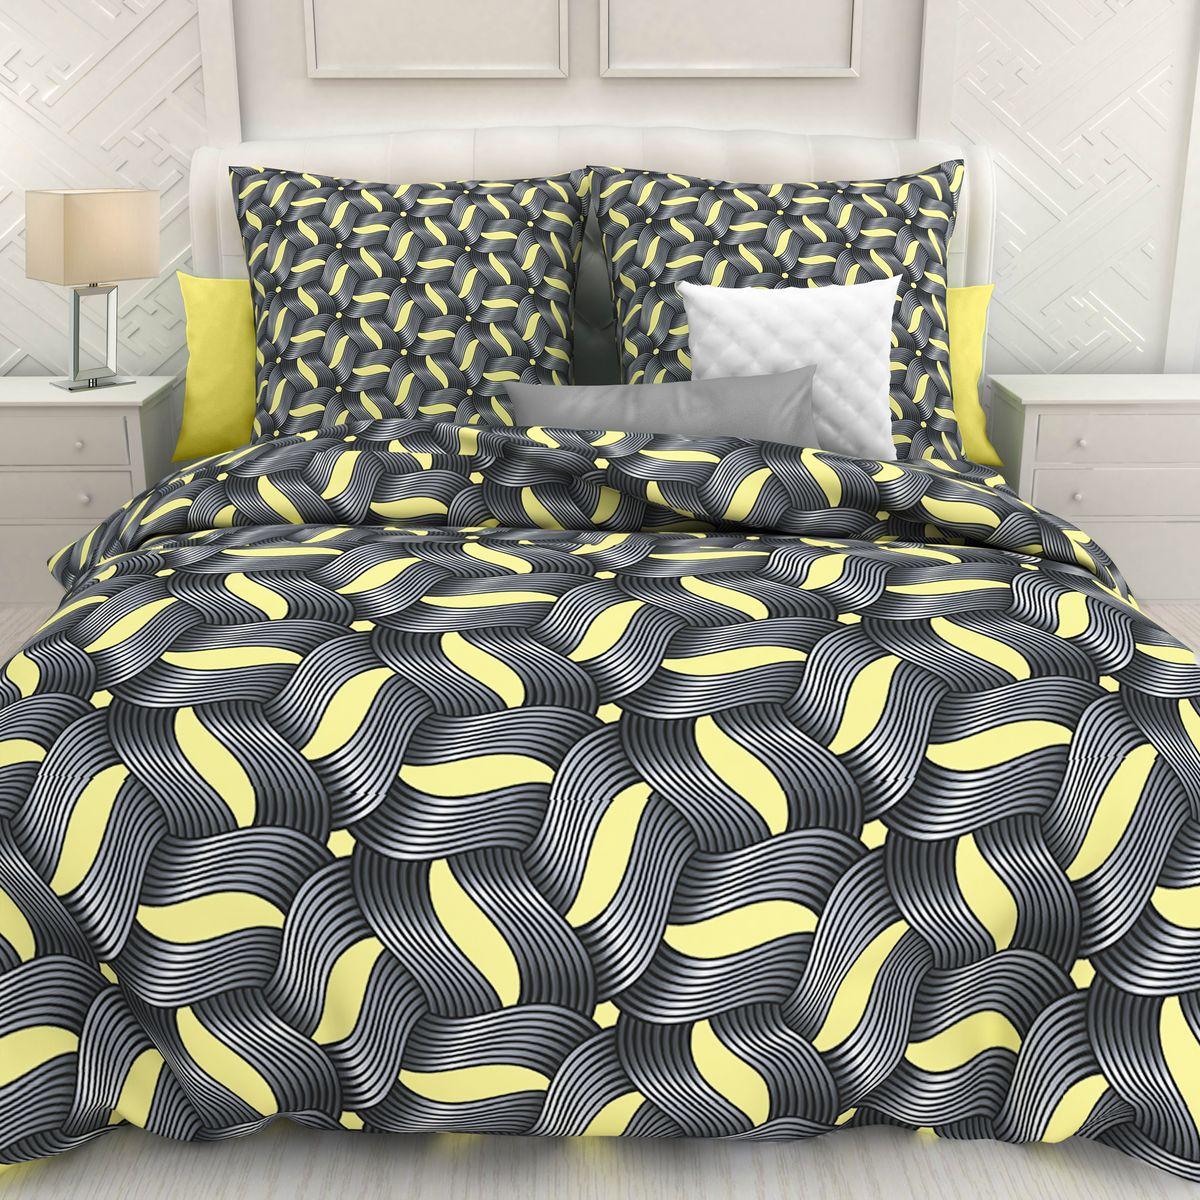 Комплект белья Унисон Panamera, 2-х спальное, наволочки 70 x 70. 297232297232